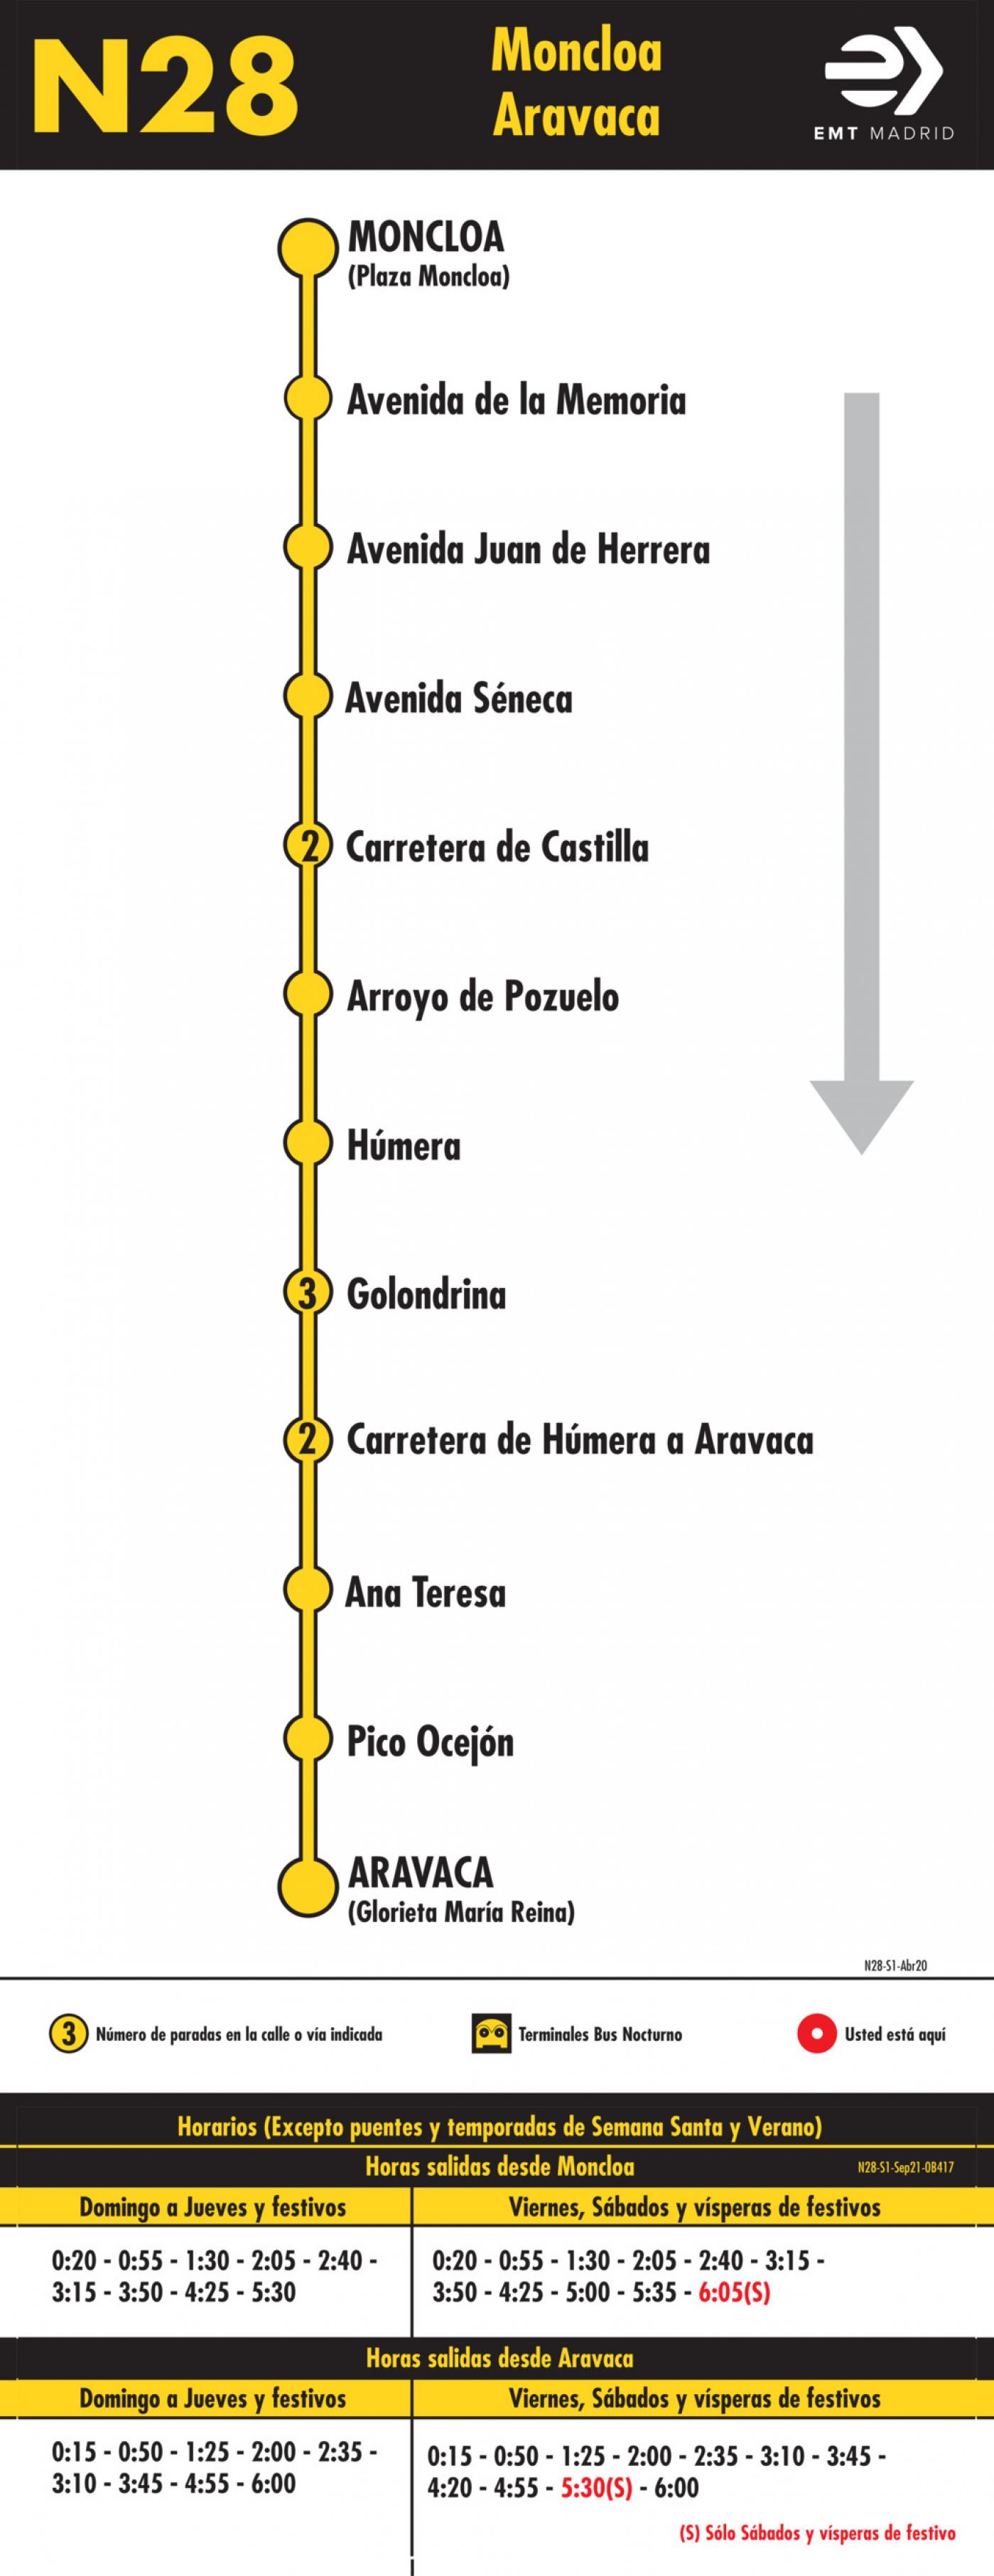 Tabla de horarios y frecuencias de paso en sentido ida Línea N28: Moncloa - Aravaca